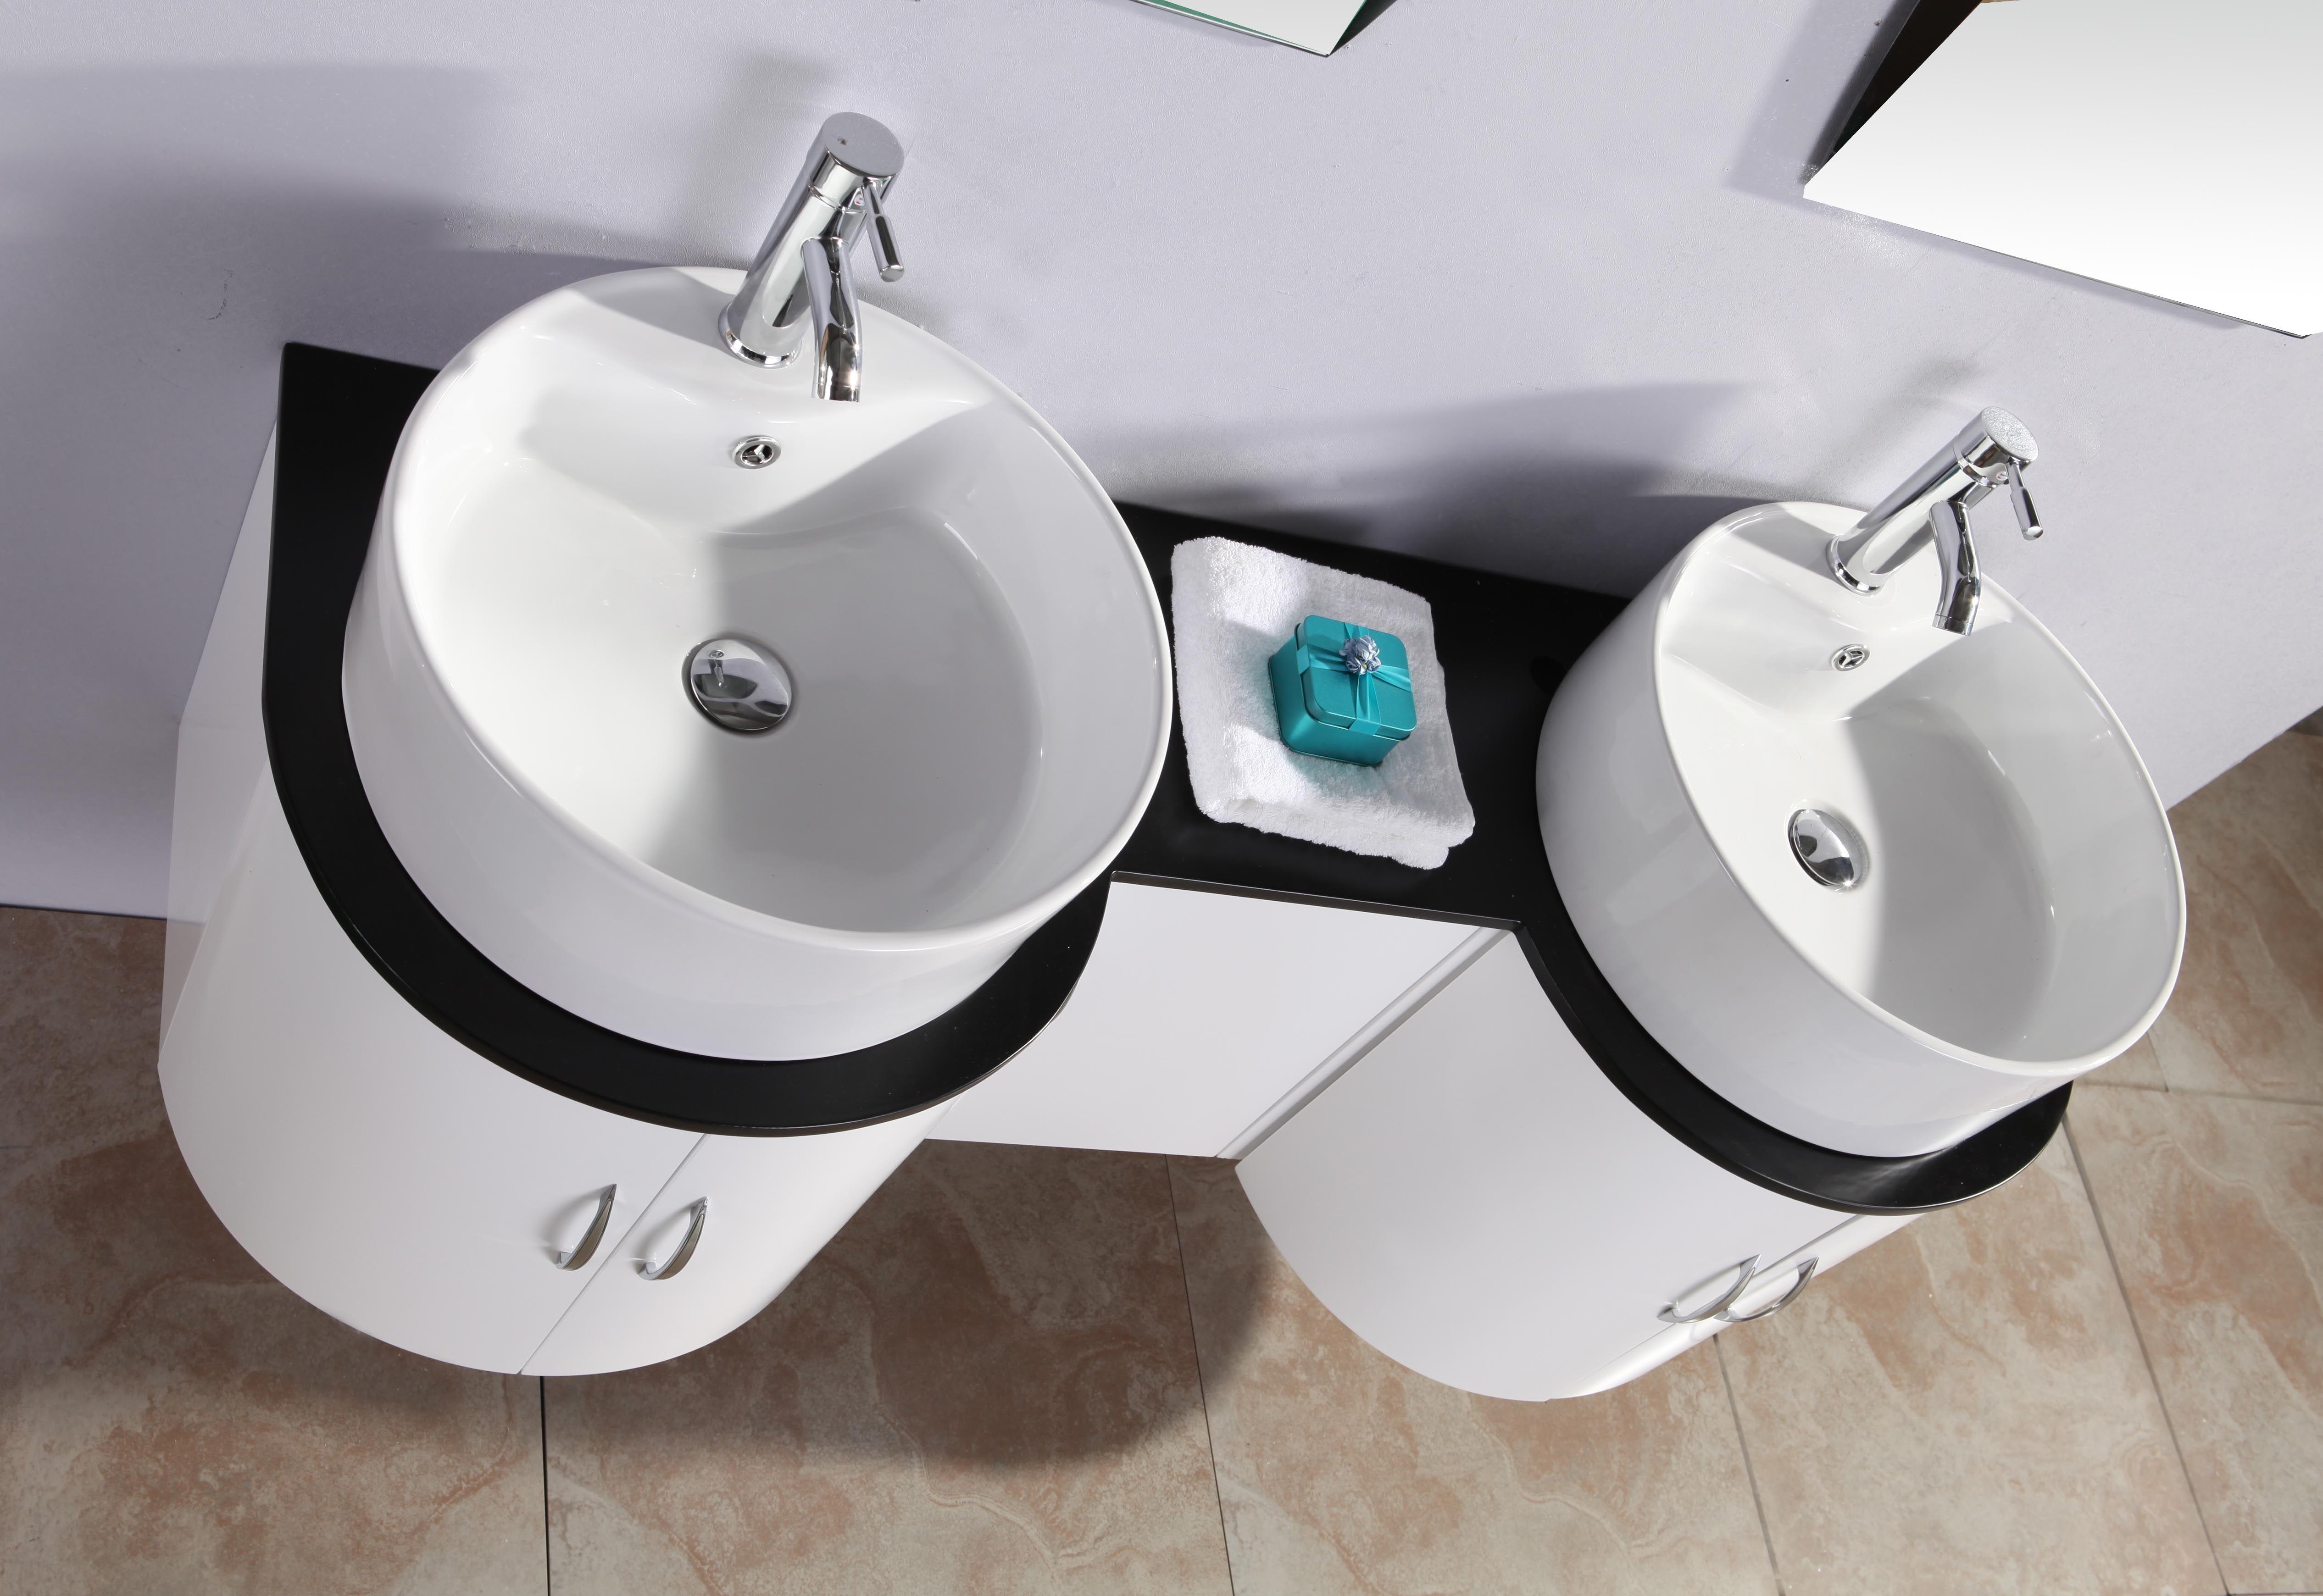 Lavandini x bagno da appoggio : lavabi per bagno da appoggio ...